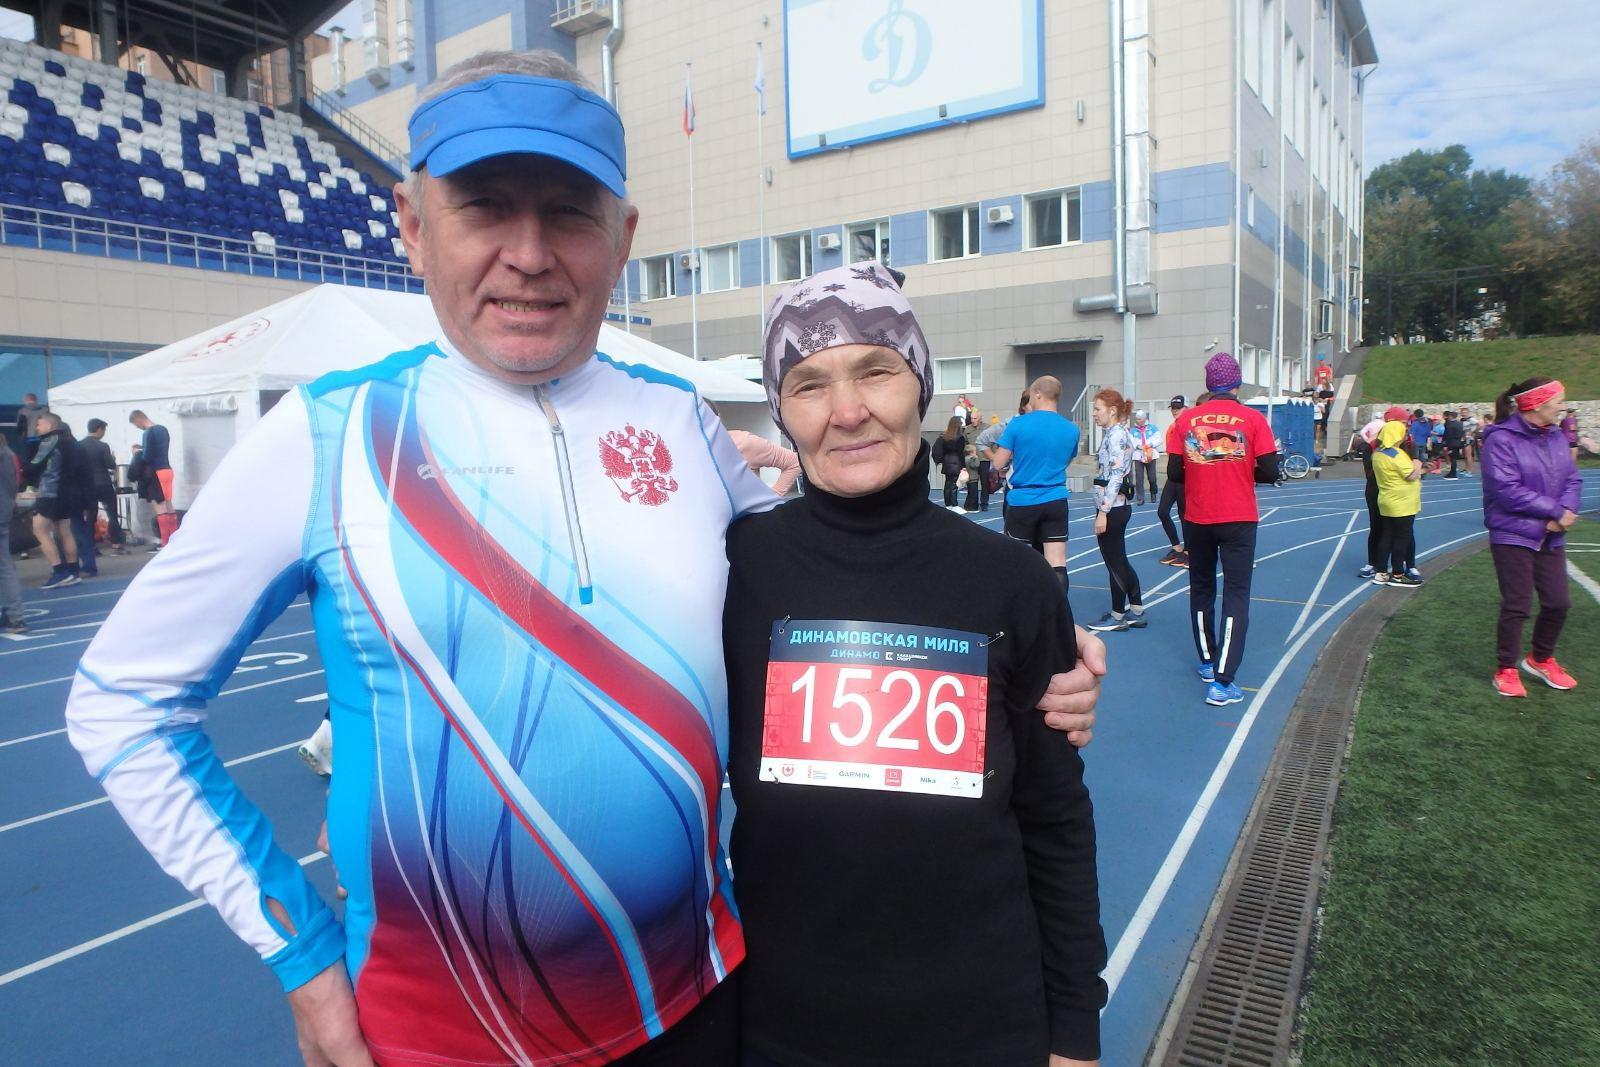 Три медали завоевали можгинцы на Всероссийском легкоатлетическом